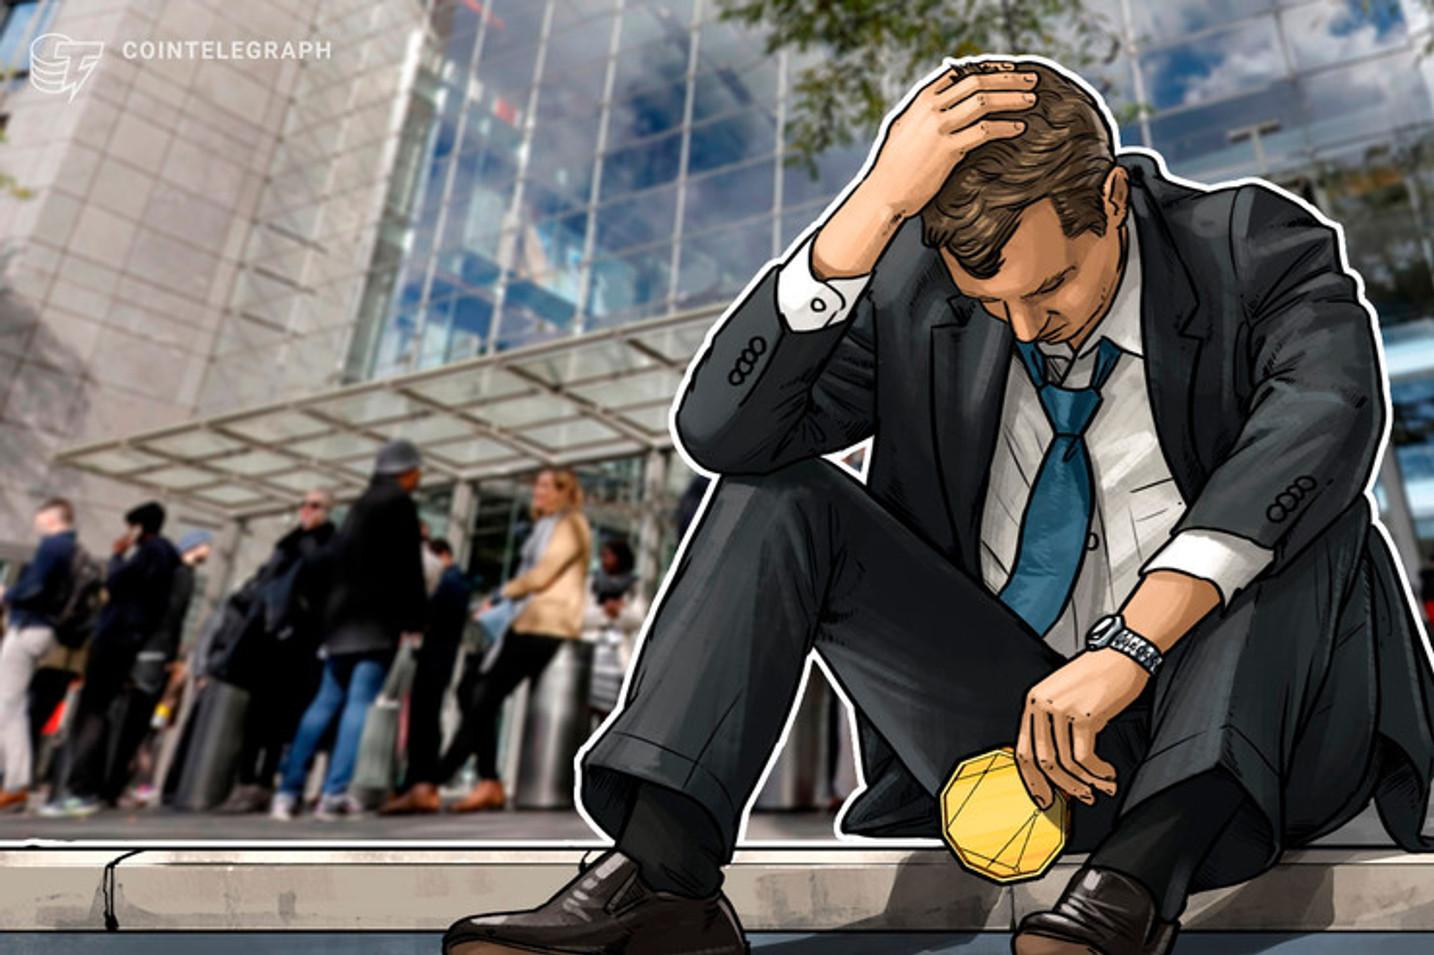 'Infelizmente amigo, vocês estão certos', diz consultor jurídico do Grupo Bitcoin Banco a cliente desesperado